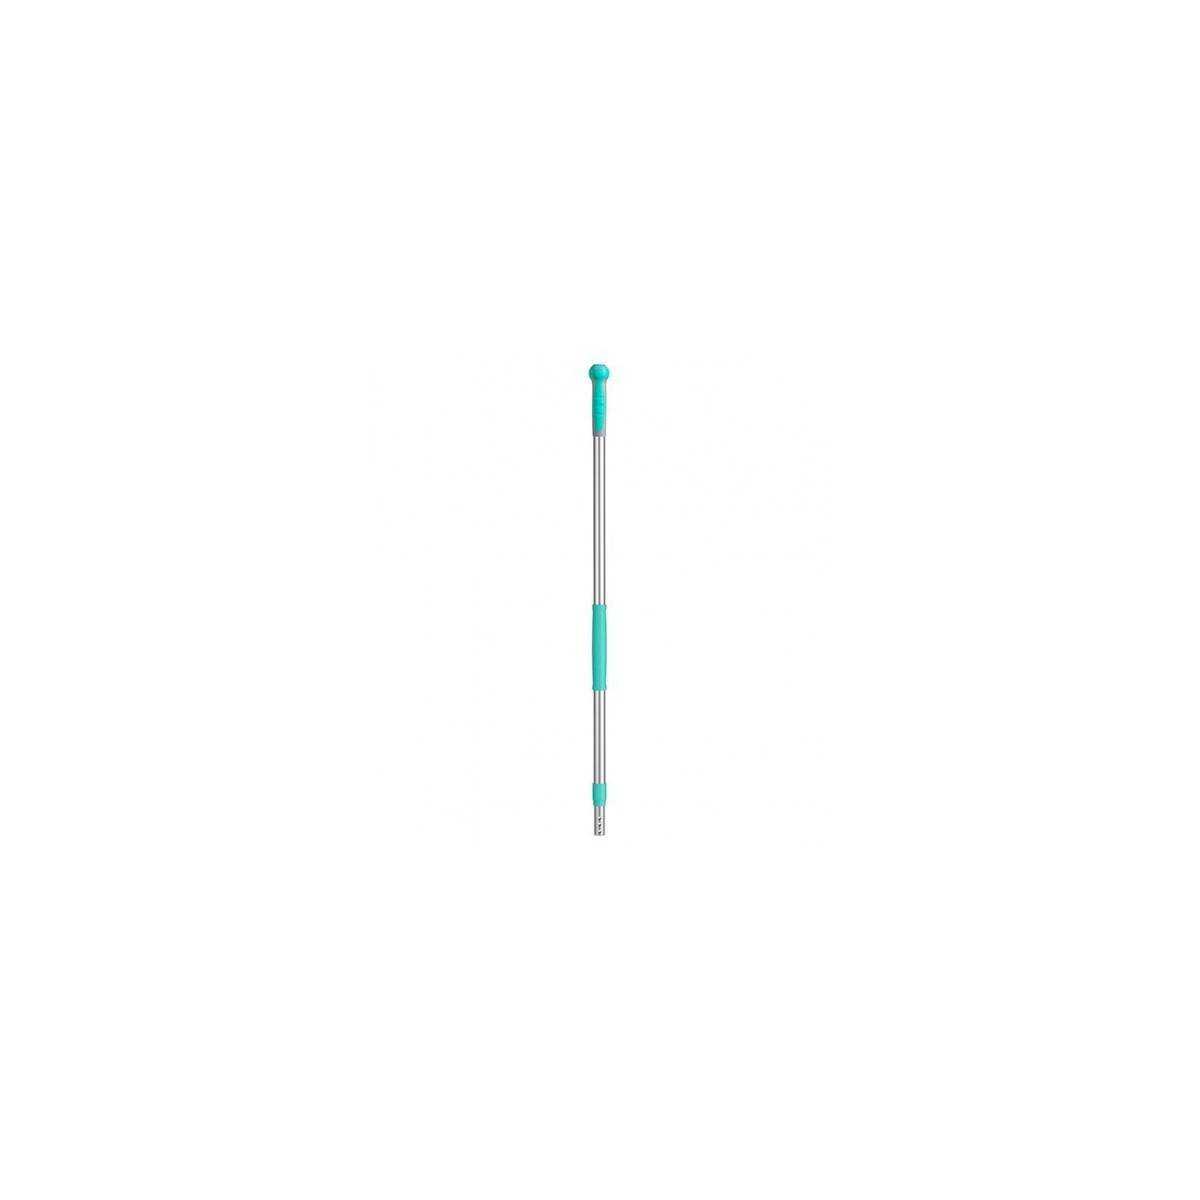 Рукоятка алюминиевая телескопическая из 2-х частей 97-184см (С зеленым колпачком) 00001044 TTS